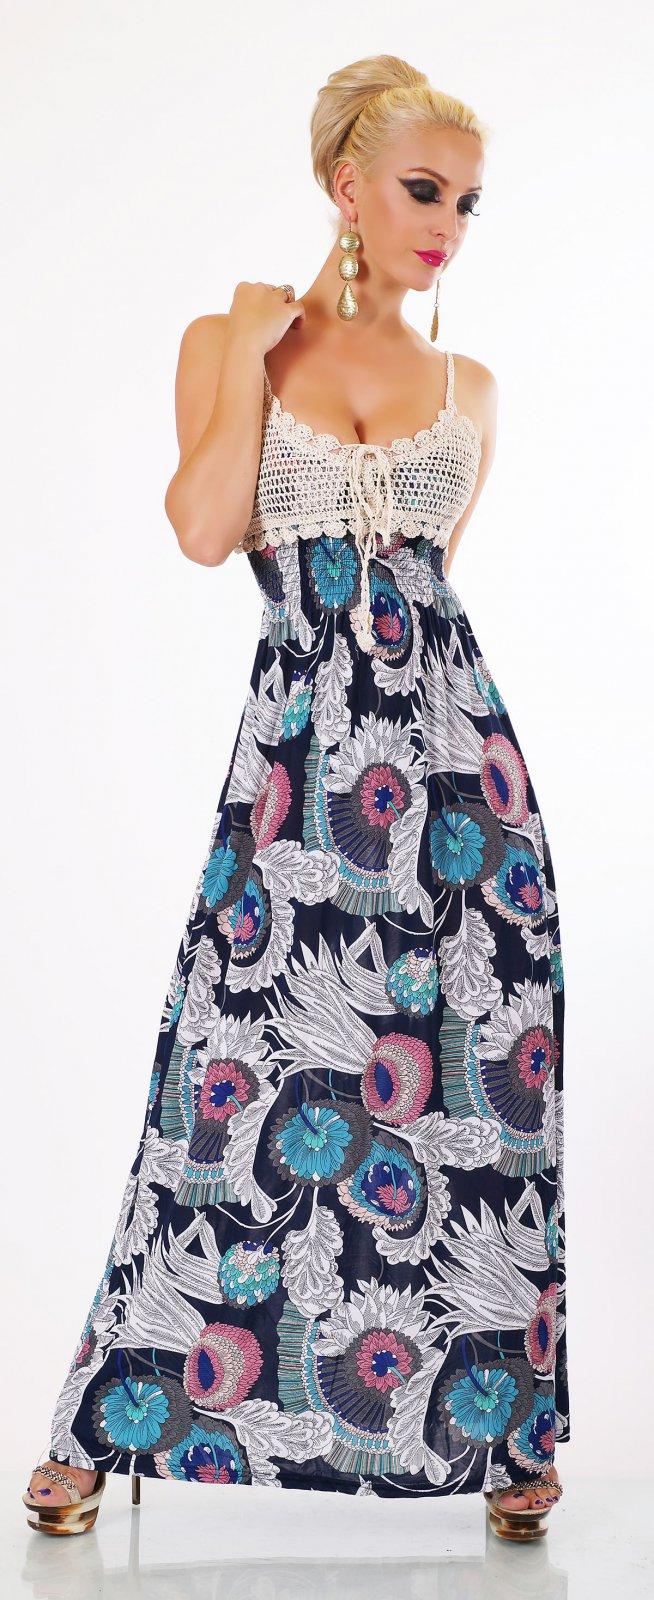 Damen Midi Kleid Knielang Häkel Besatz Sommer Strand Paisley Muster 36-40